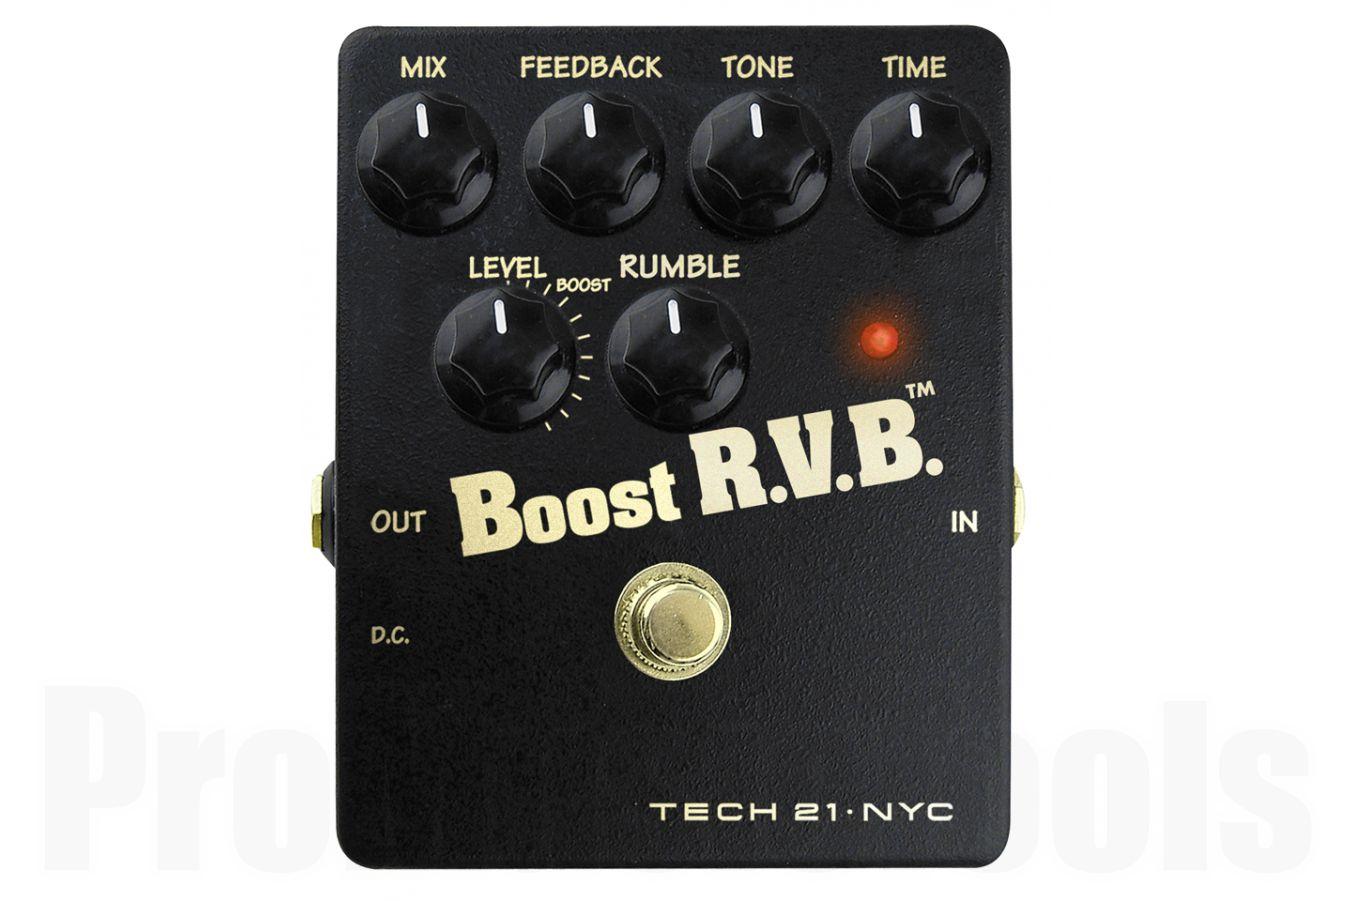 Tech 21 USA Boost R.V.B.